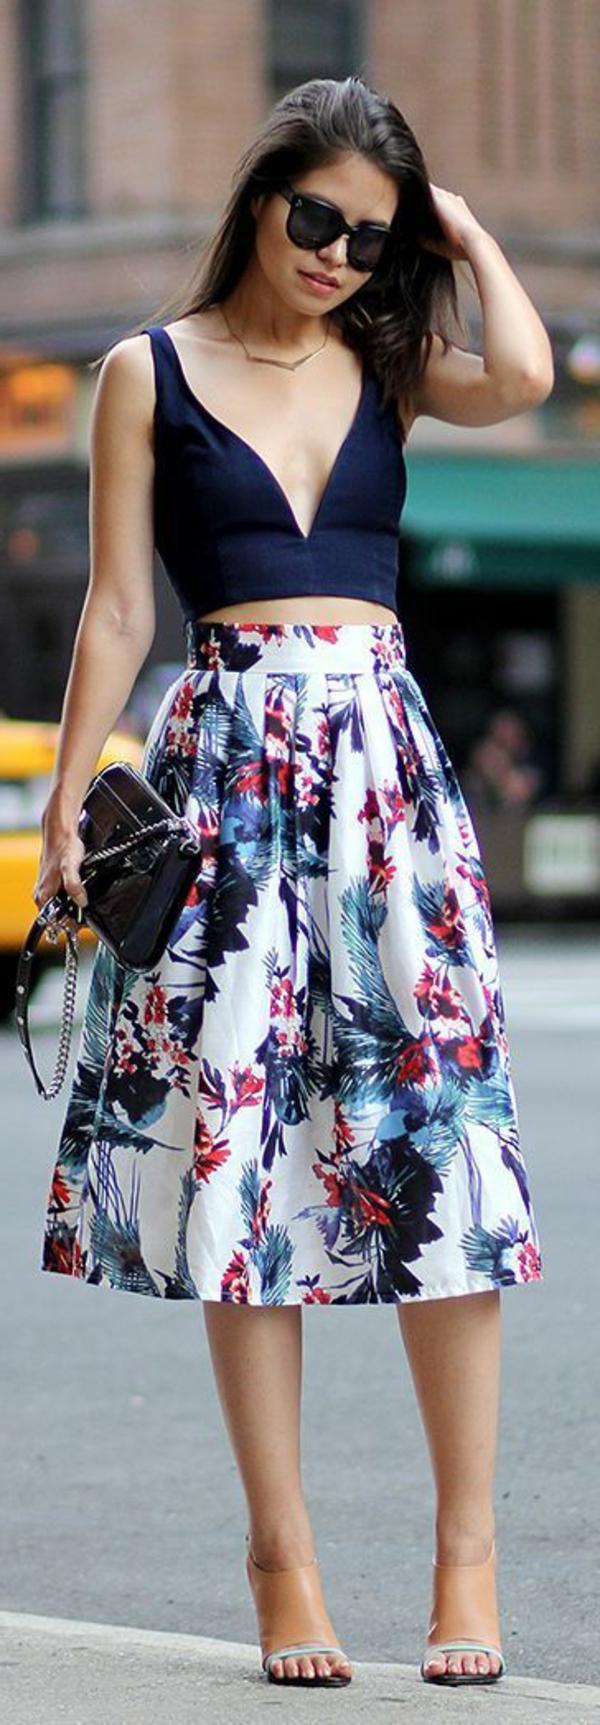 jupe-évasée-jupe-mi-longue-coloré-fleurs-femme-mode-lunettes-de-soleil